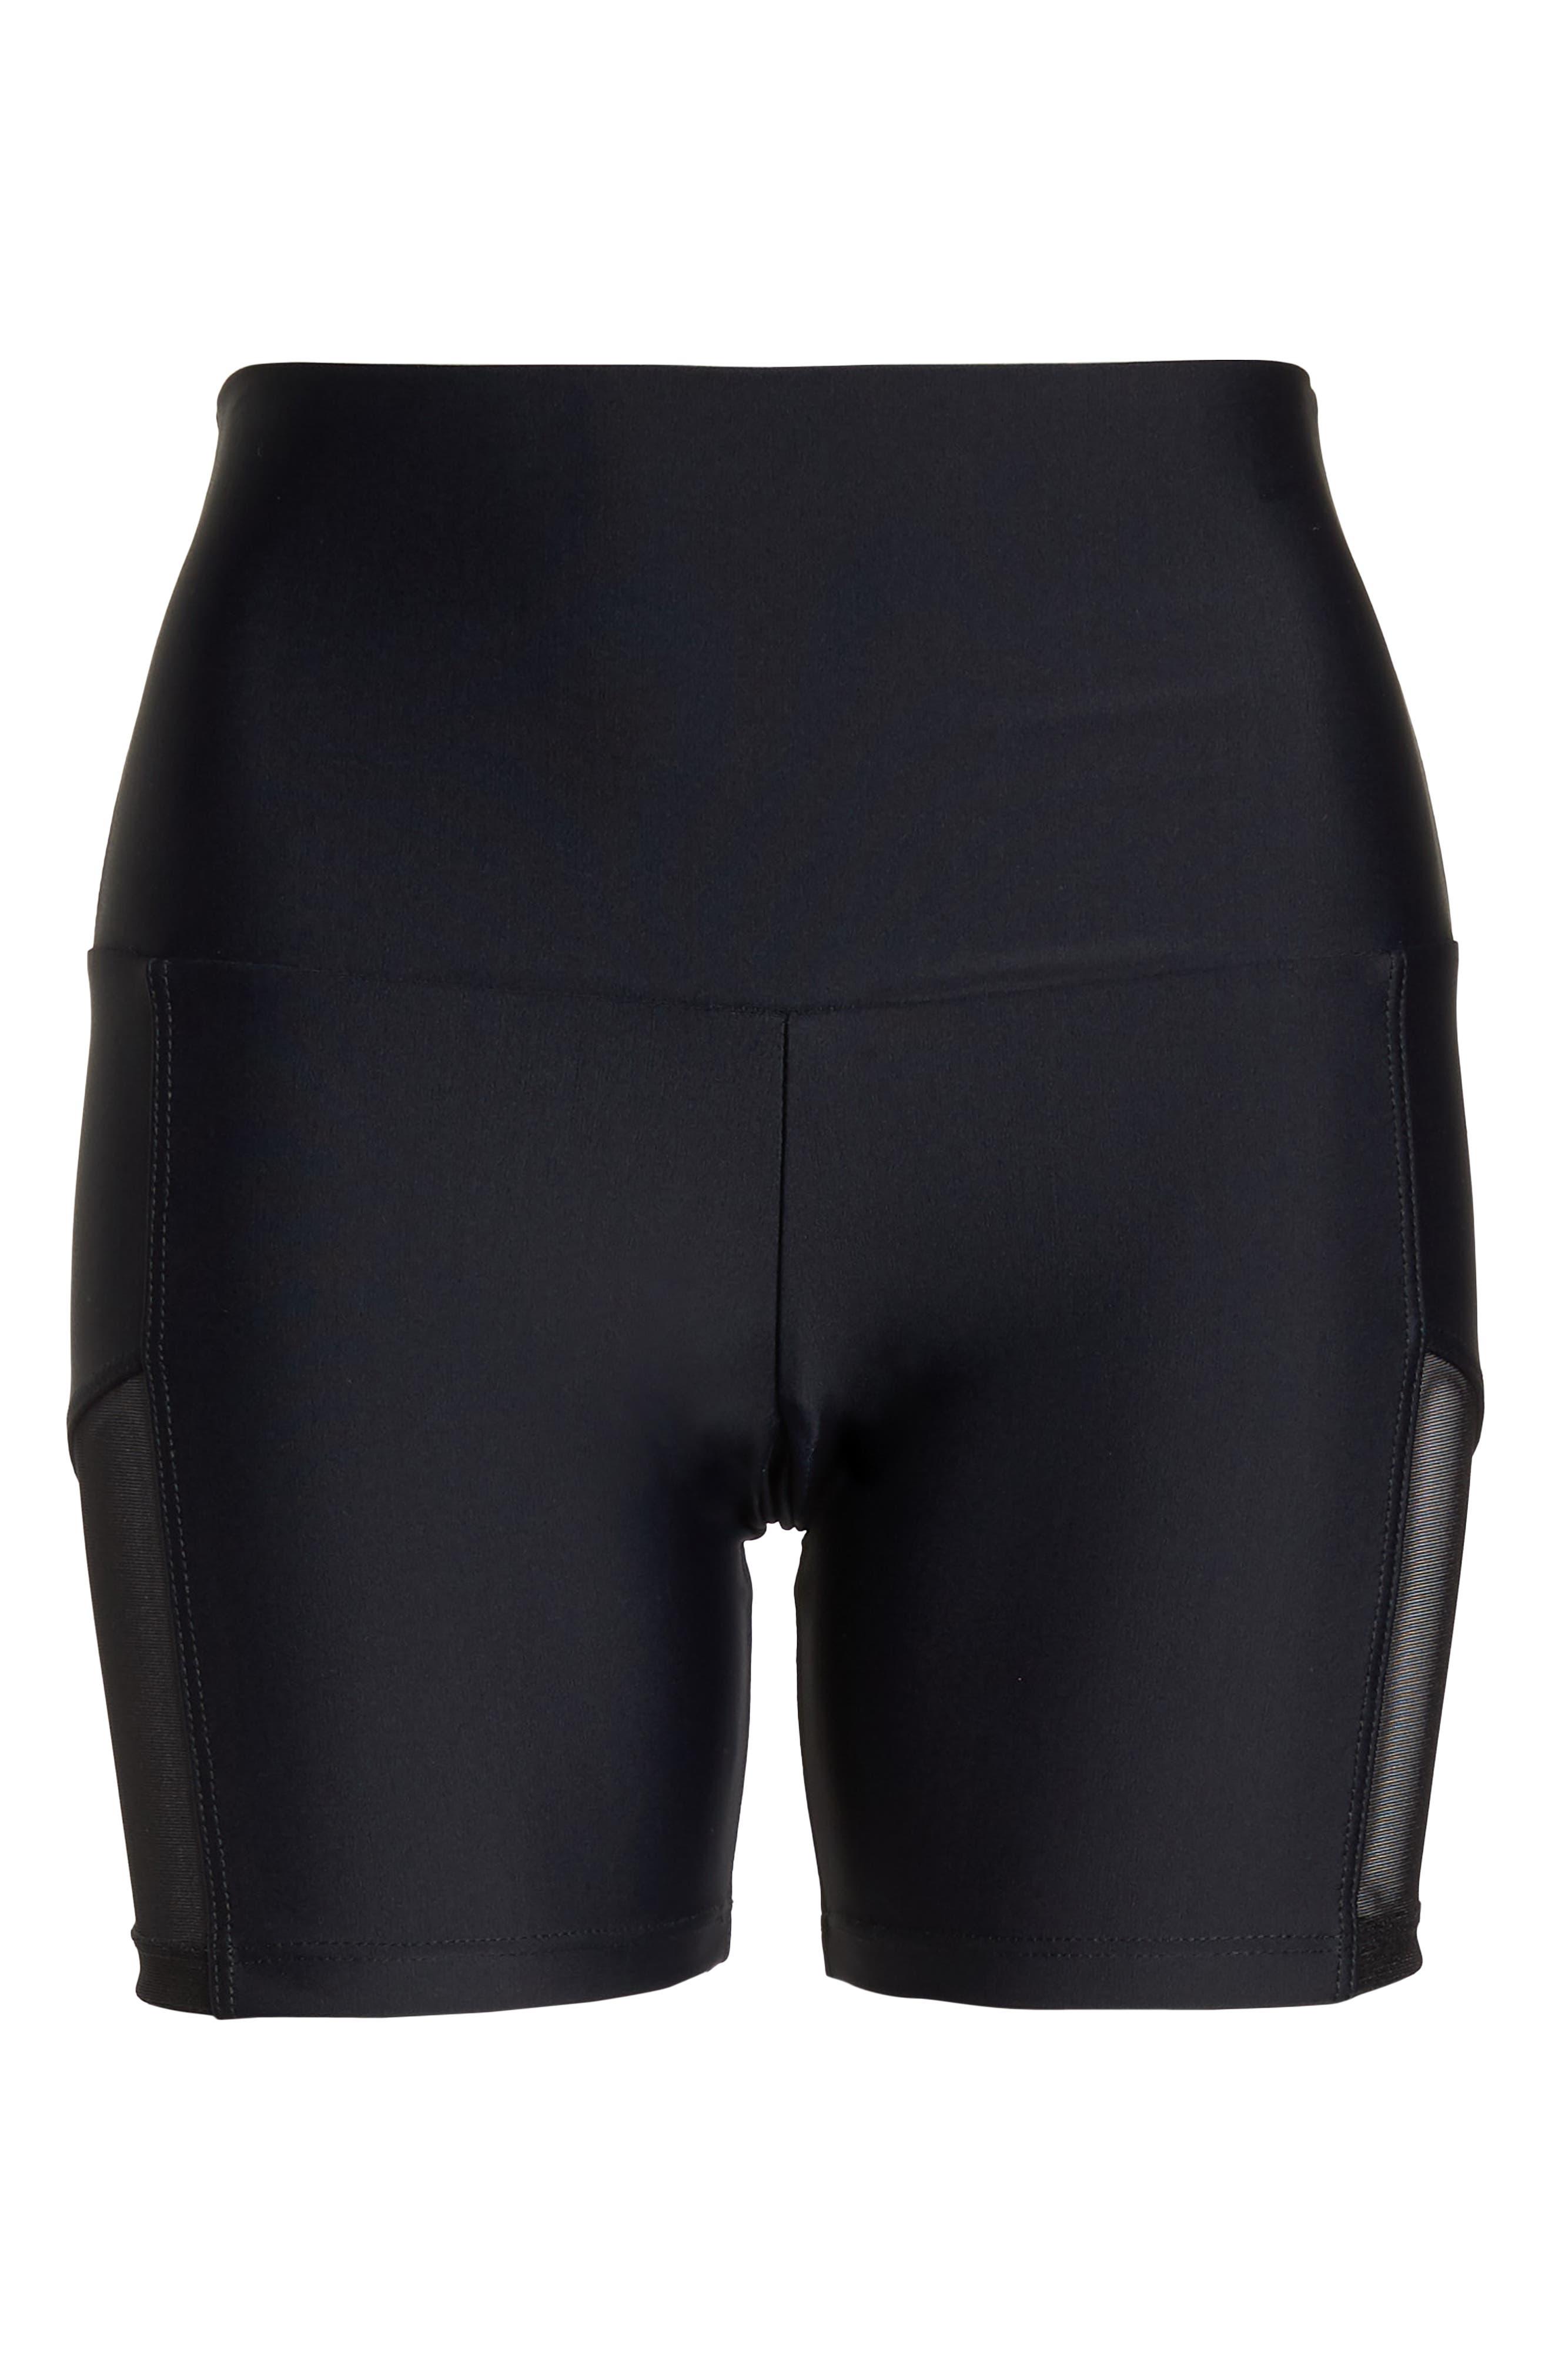 Stunner Shorts,                             Alternate thumbnail 7, color,                             Black